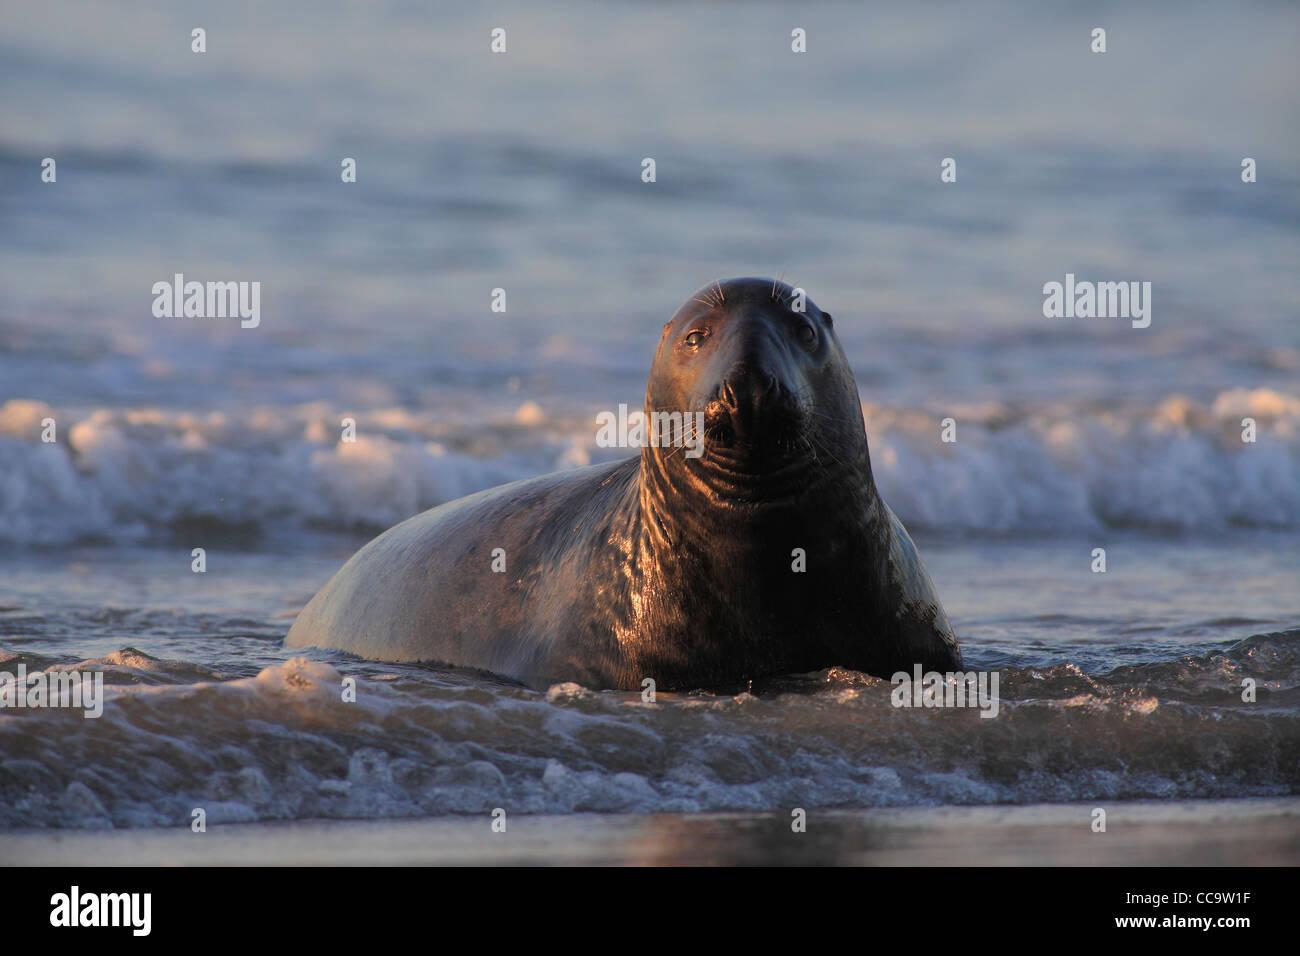 Kegelrobben Bull bei Sonnenuntergang; Latein: Halichoerus grypus Stockbild